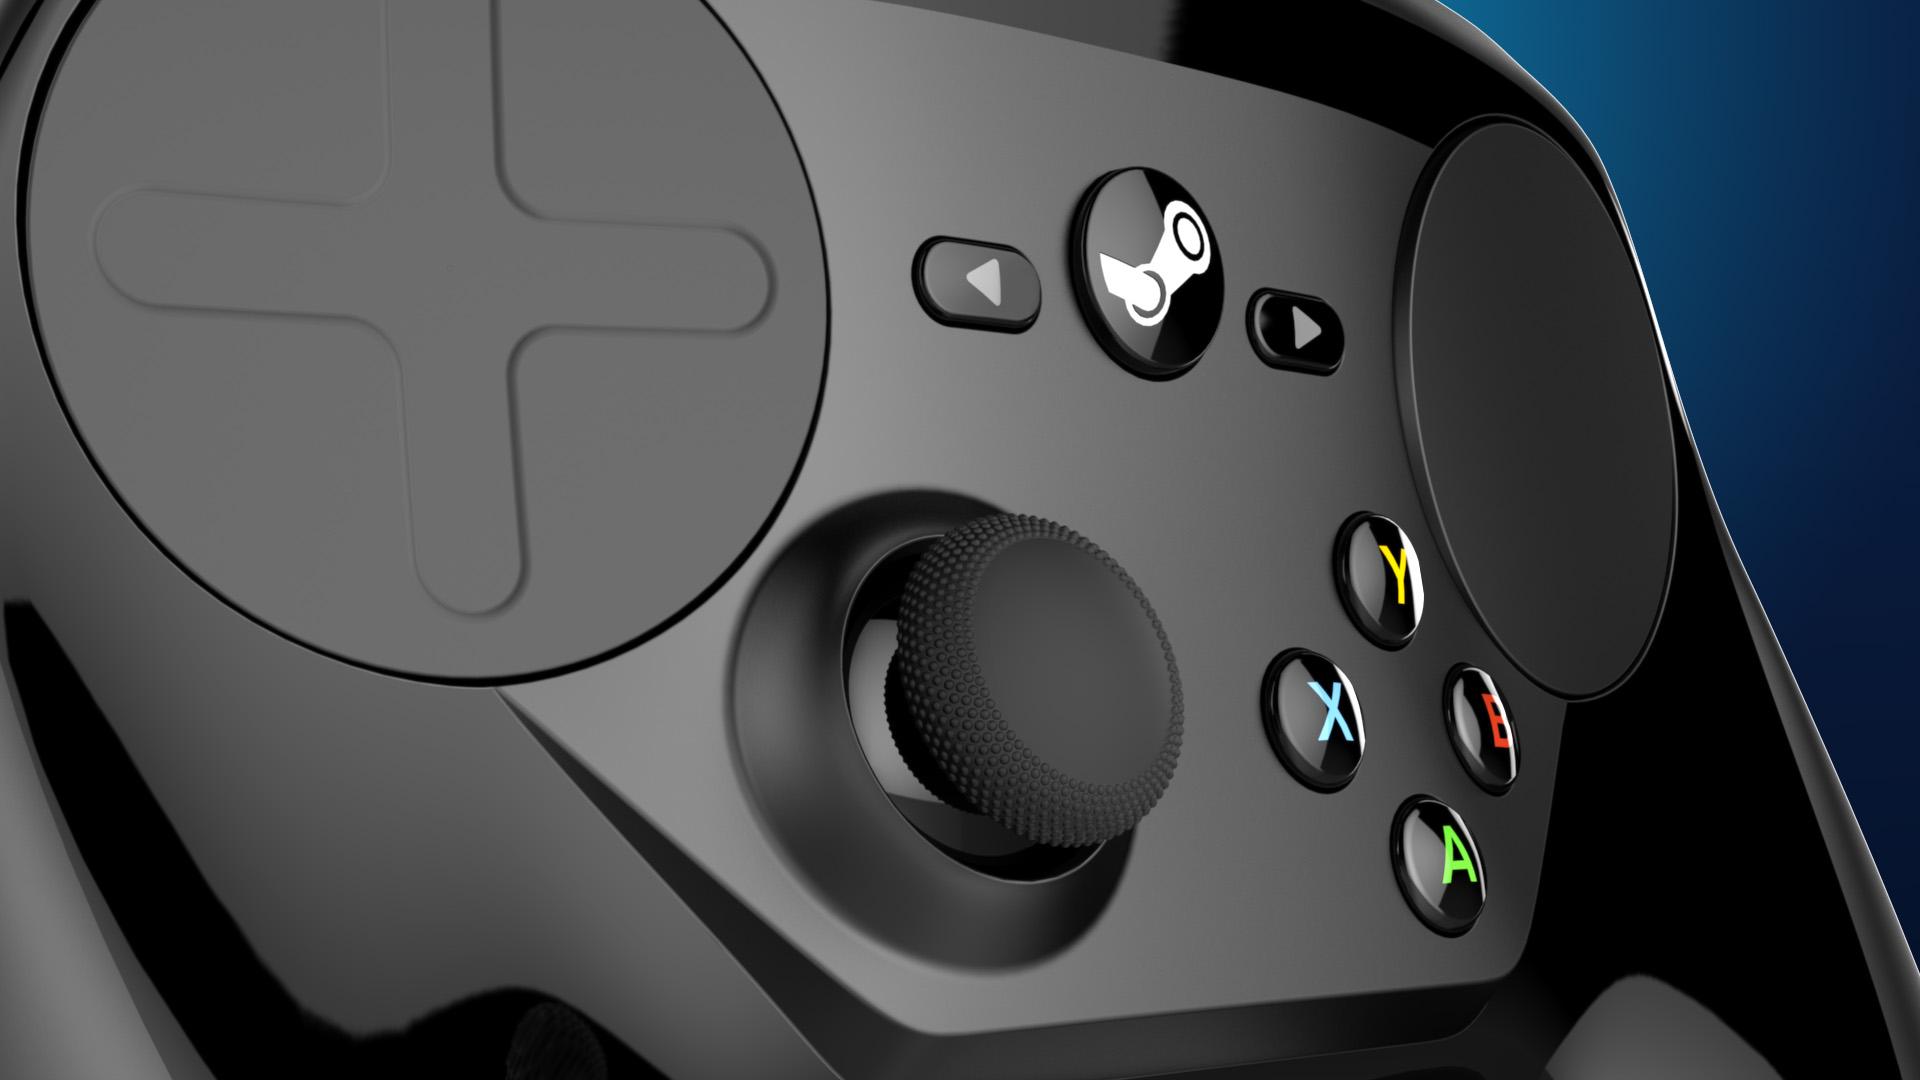 Steam Controller láká hráče na novou úroveň ovládání her 116233